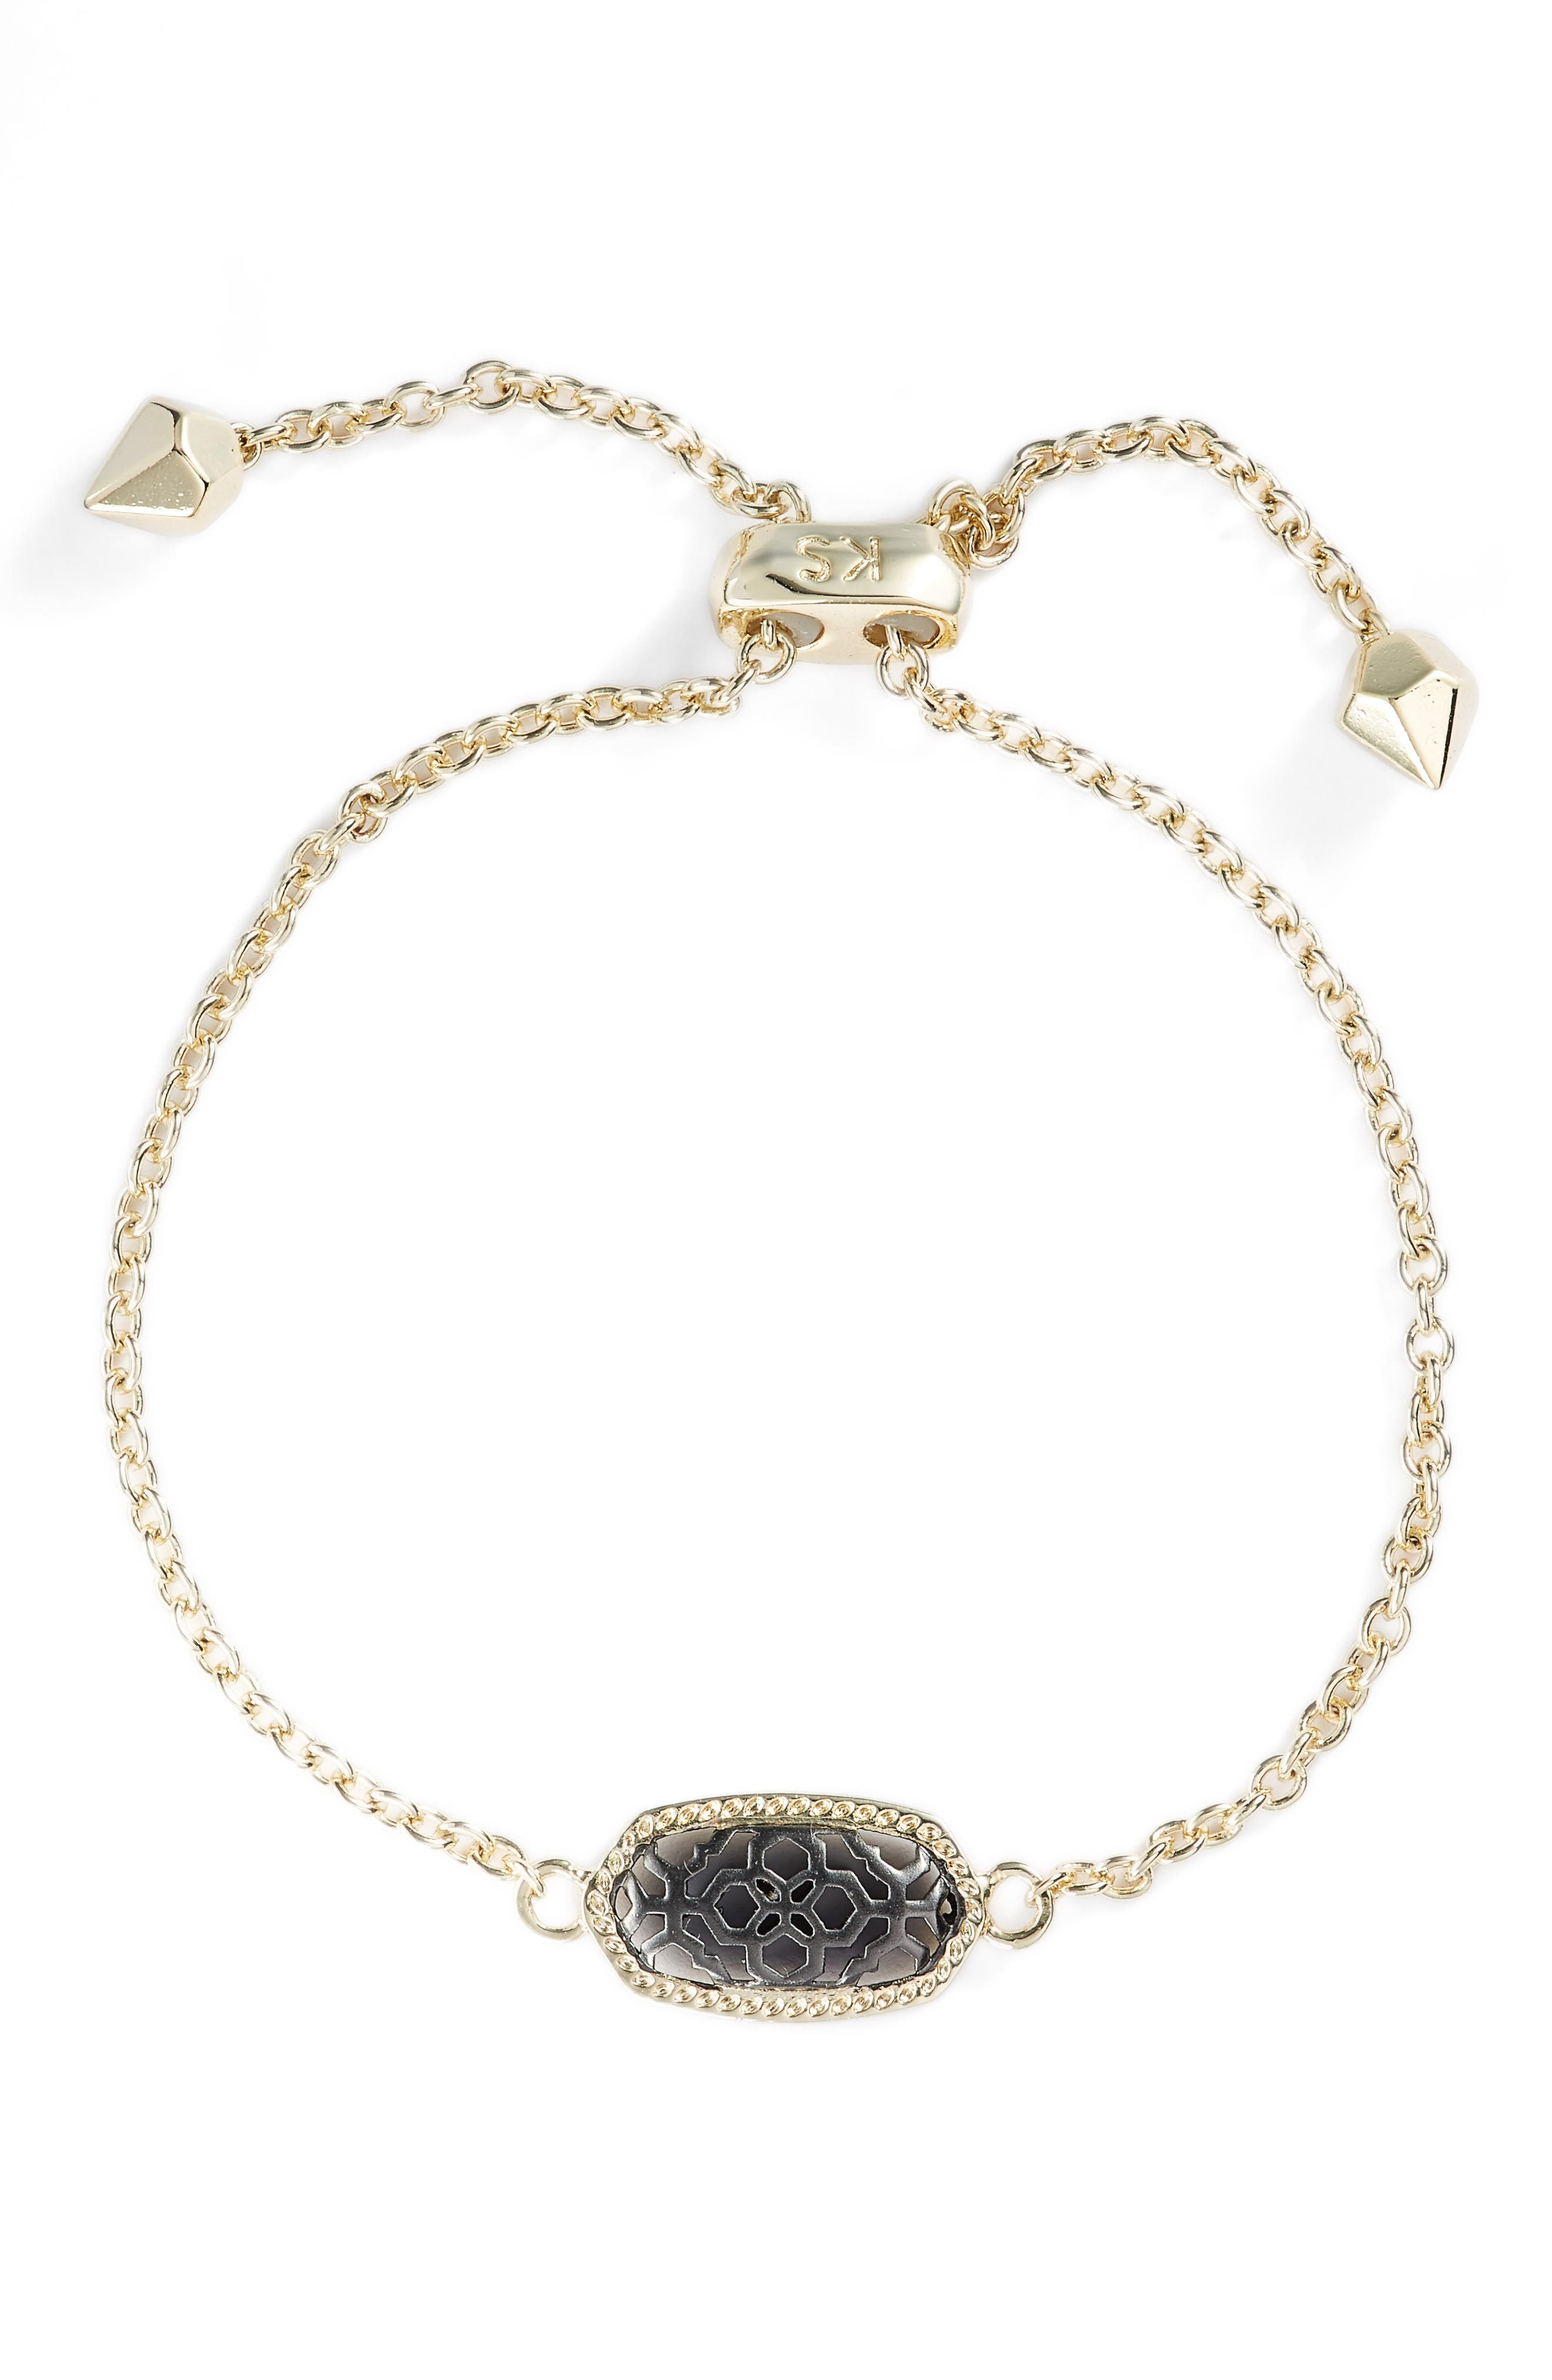 Main Image - Kendra Scott Elaina Openwork Bracelet